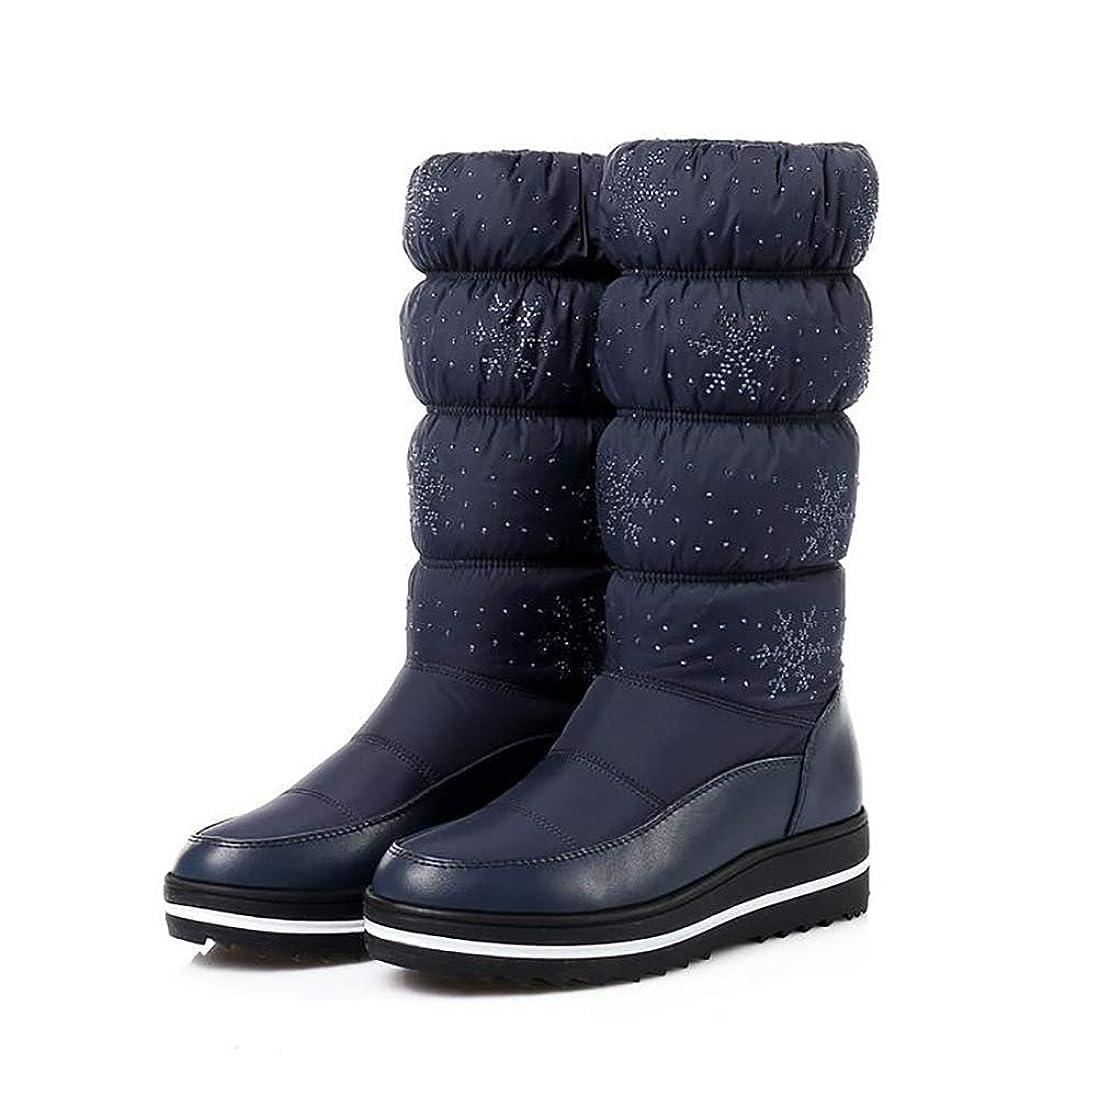 発火するリビジョン想定Oudan カジュアルスノーブーツ 女性用 保温 冬用ブーツ クリスタル厚手プラッシュシューズ ノンスリップ 防水ハイブーツ ブルー 41 44 ブルー Oudan-boots